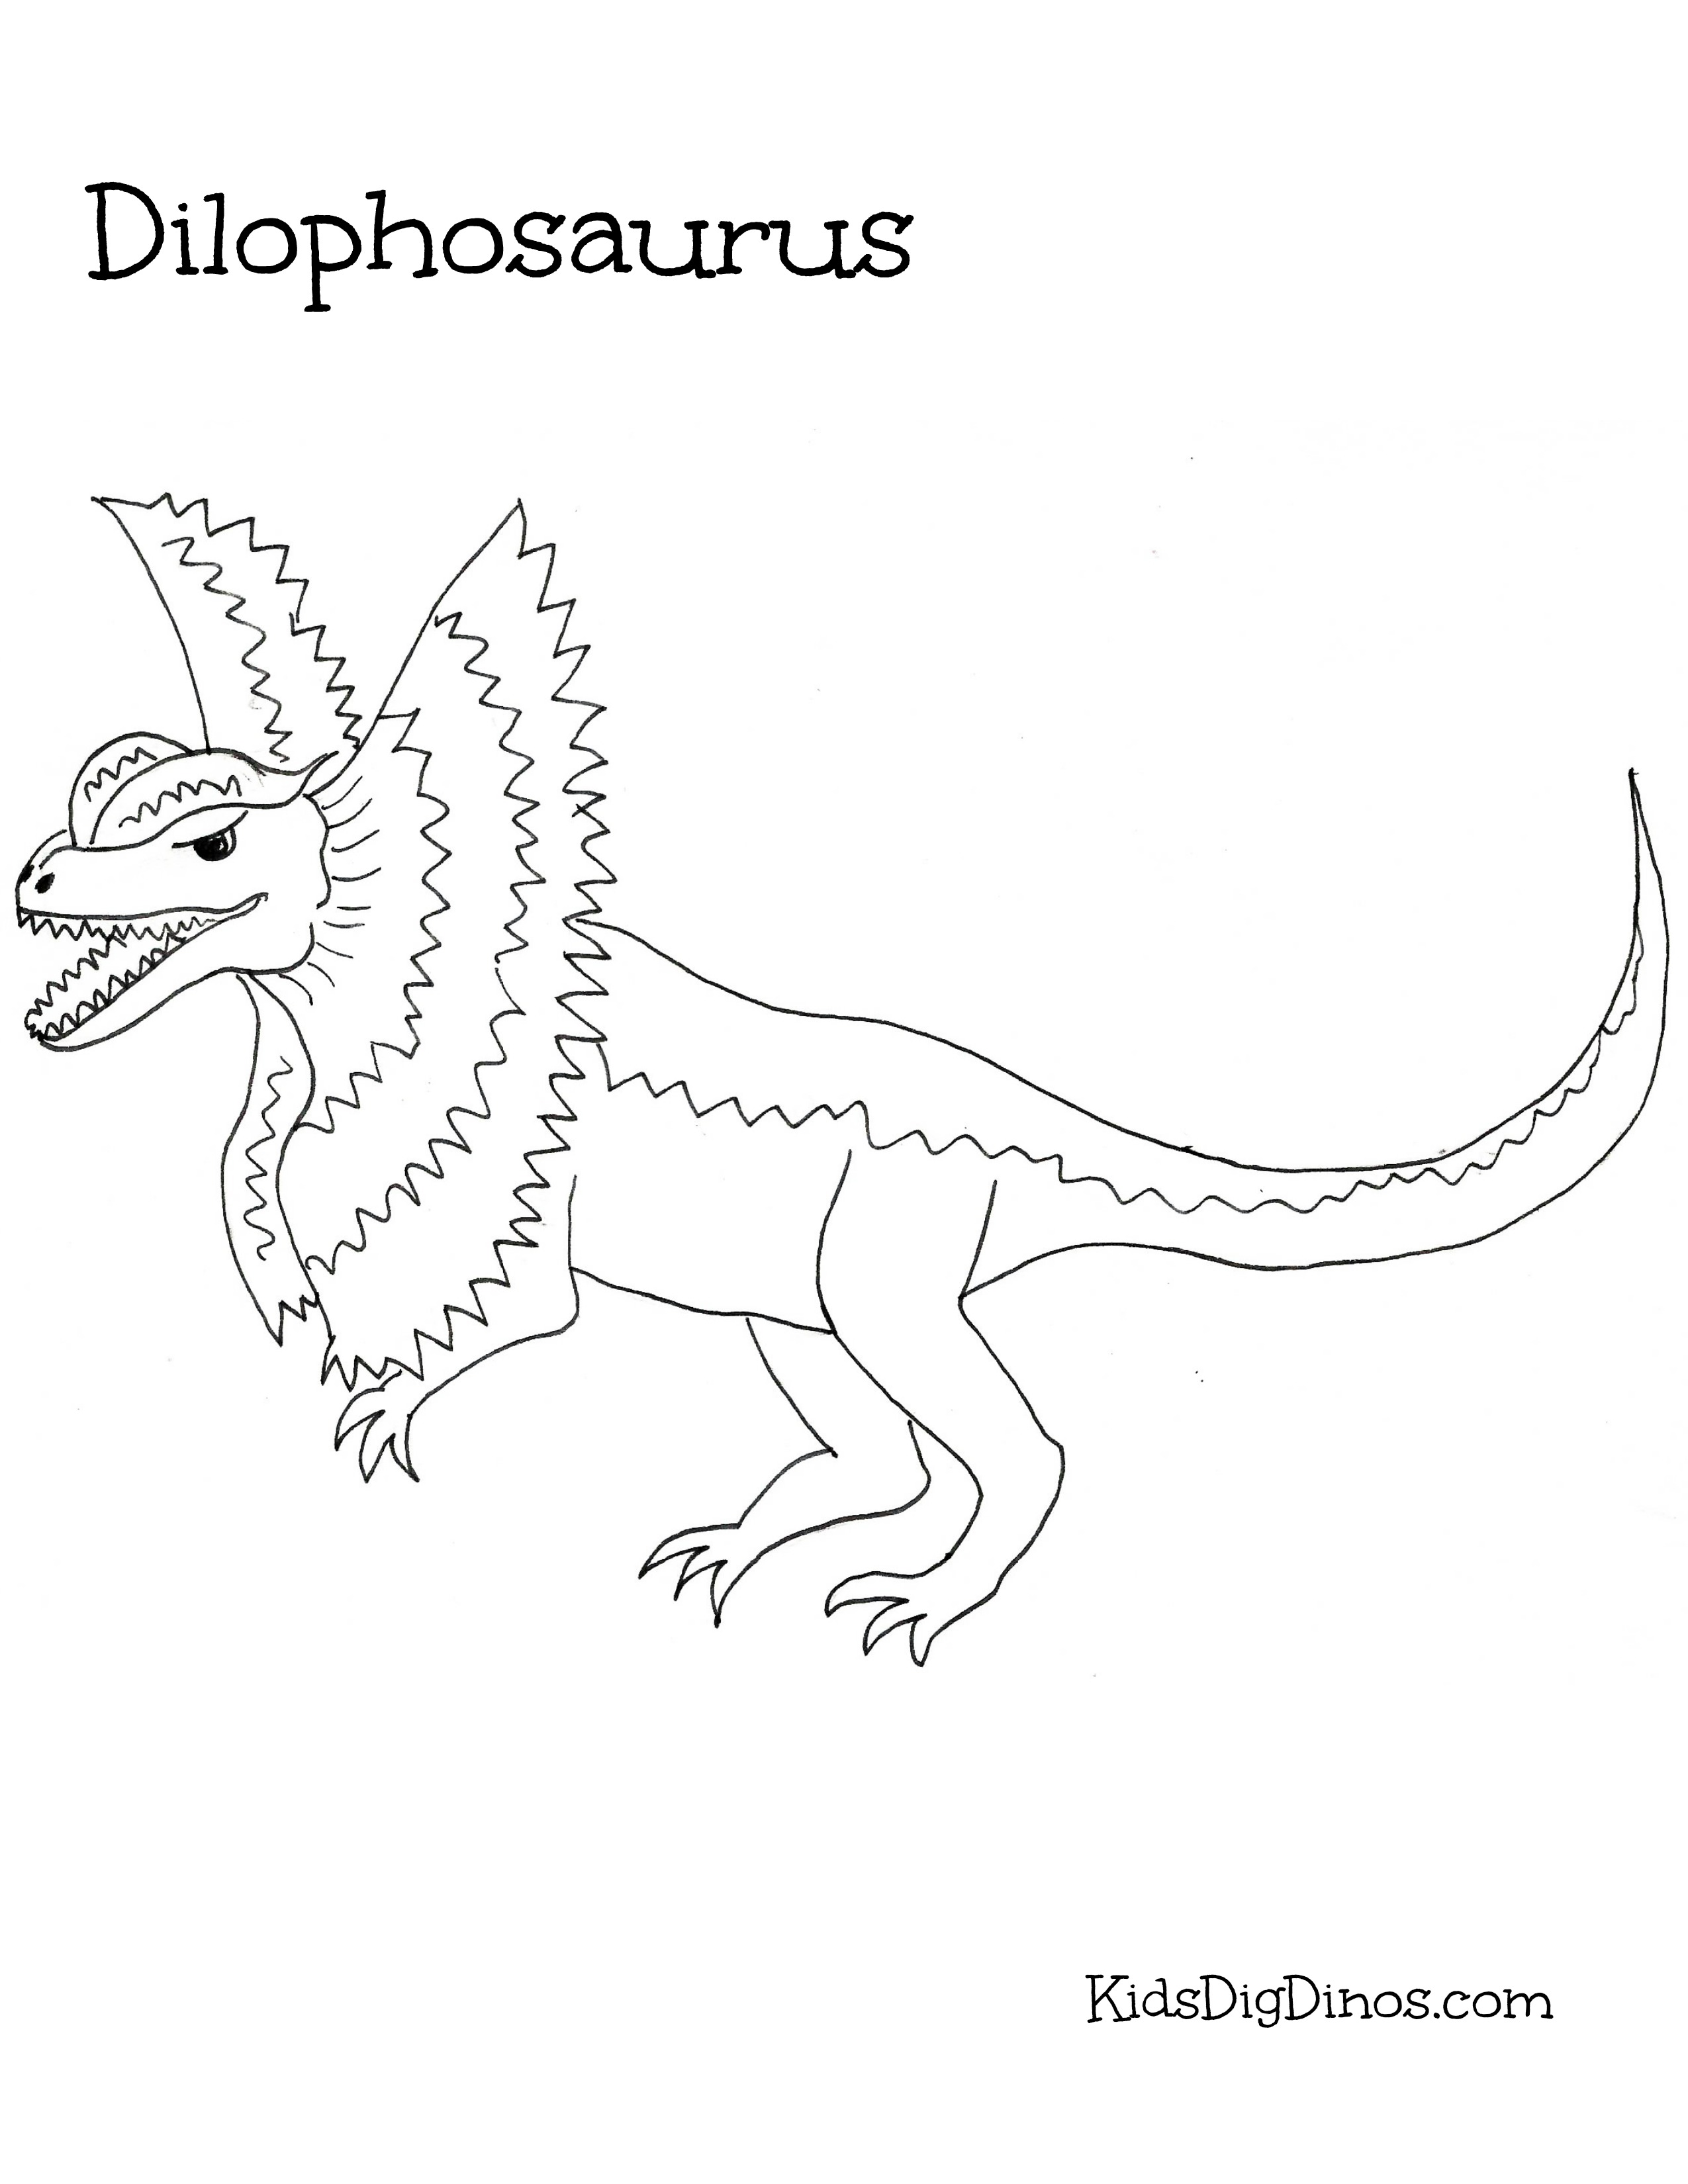 Dilophosaurus coloring #2, Download drawings